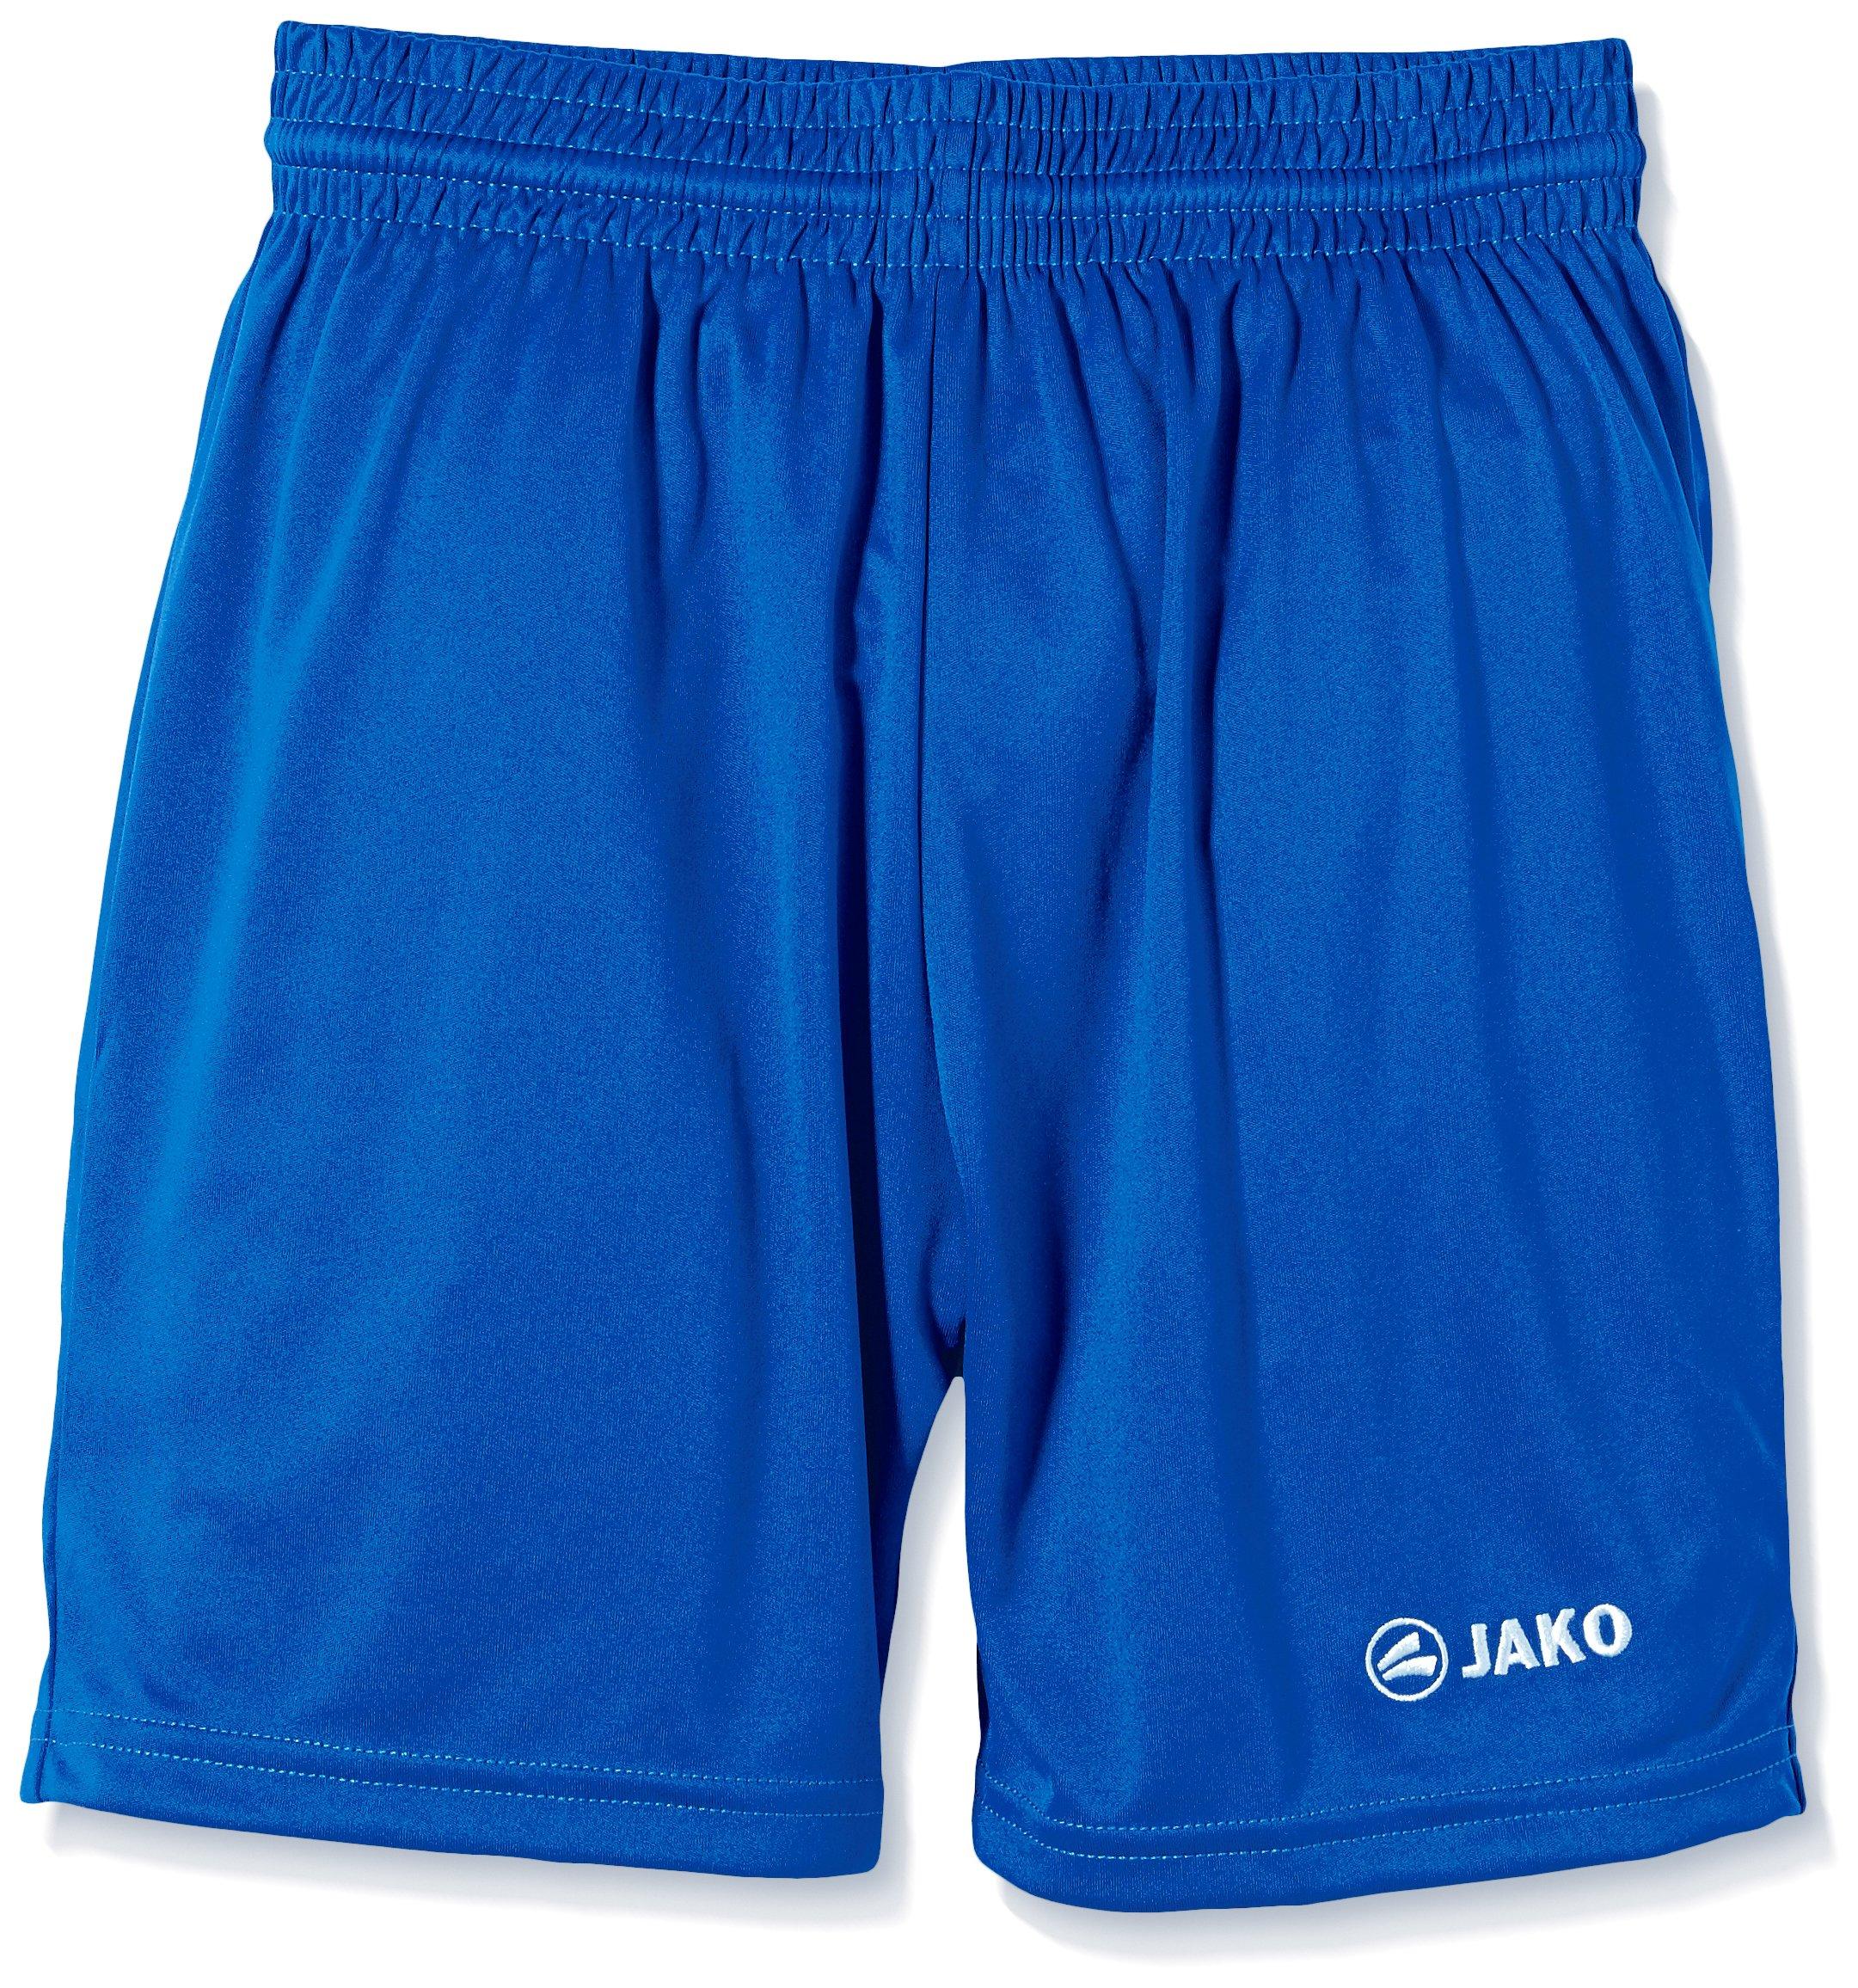 Jako Kinder Sporthose Manchester Shorts, Blau (Royal), 5-6 Jahre (Herstellergrö